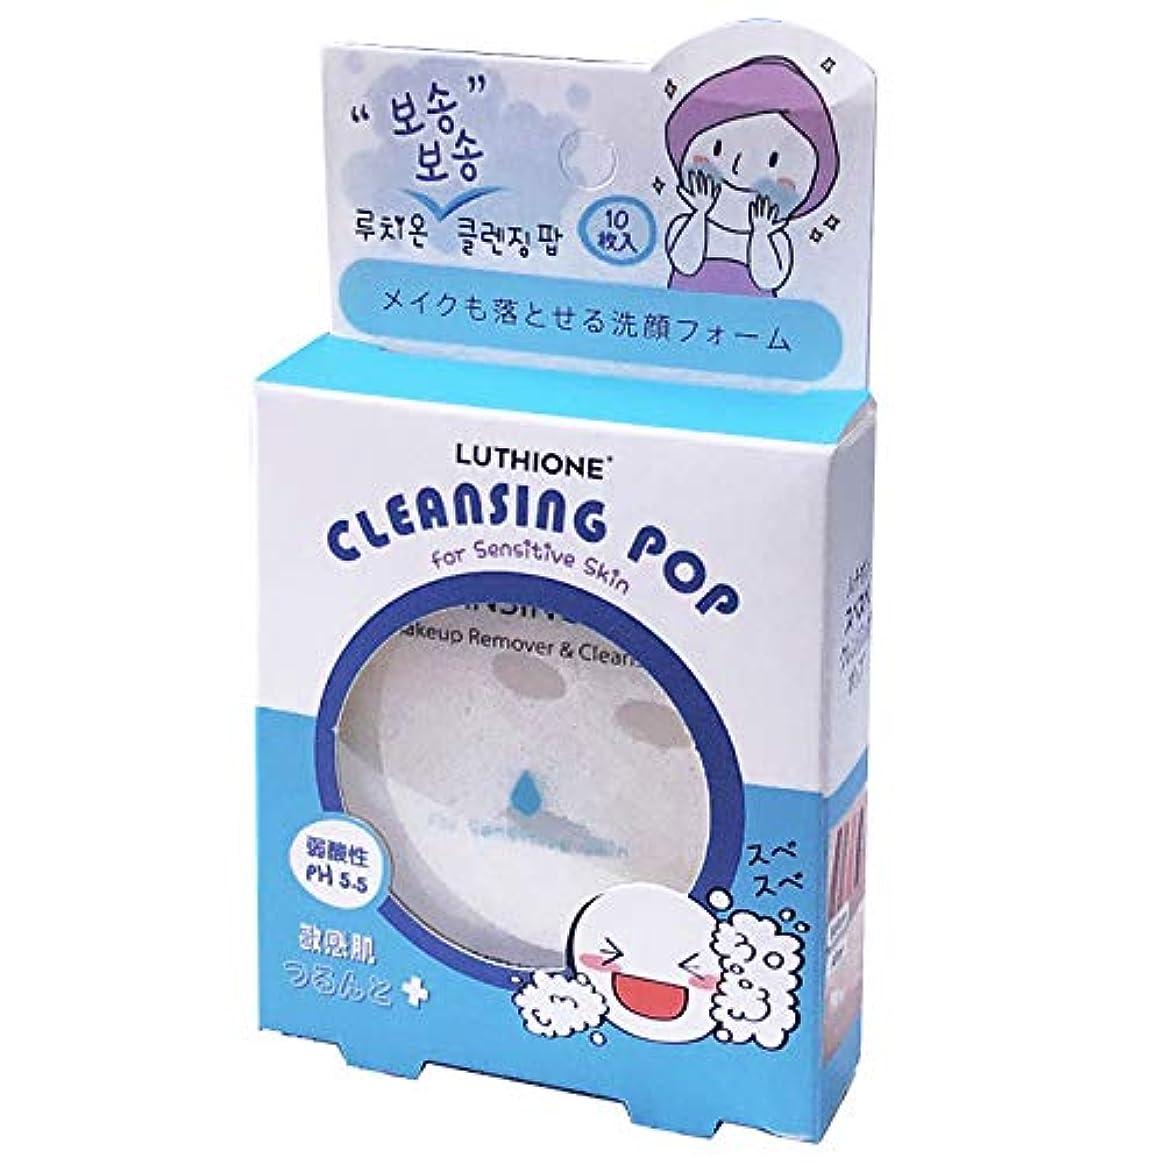 【まとめ買い】ルチオン クレンジングポップ (LUTHIONE CLEANSING POP) 敏感肌 10枚入り ×10個